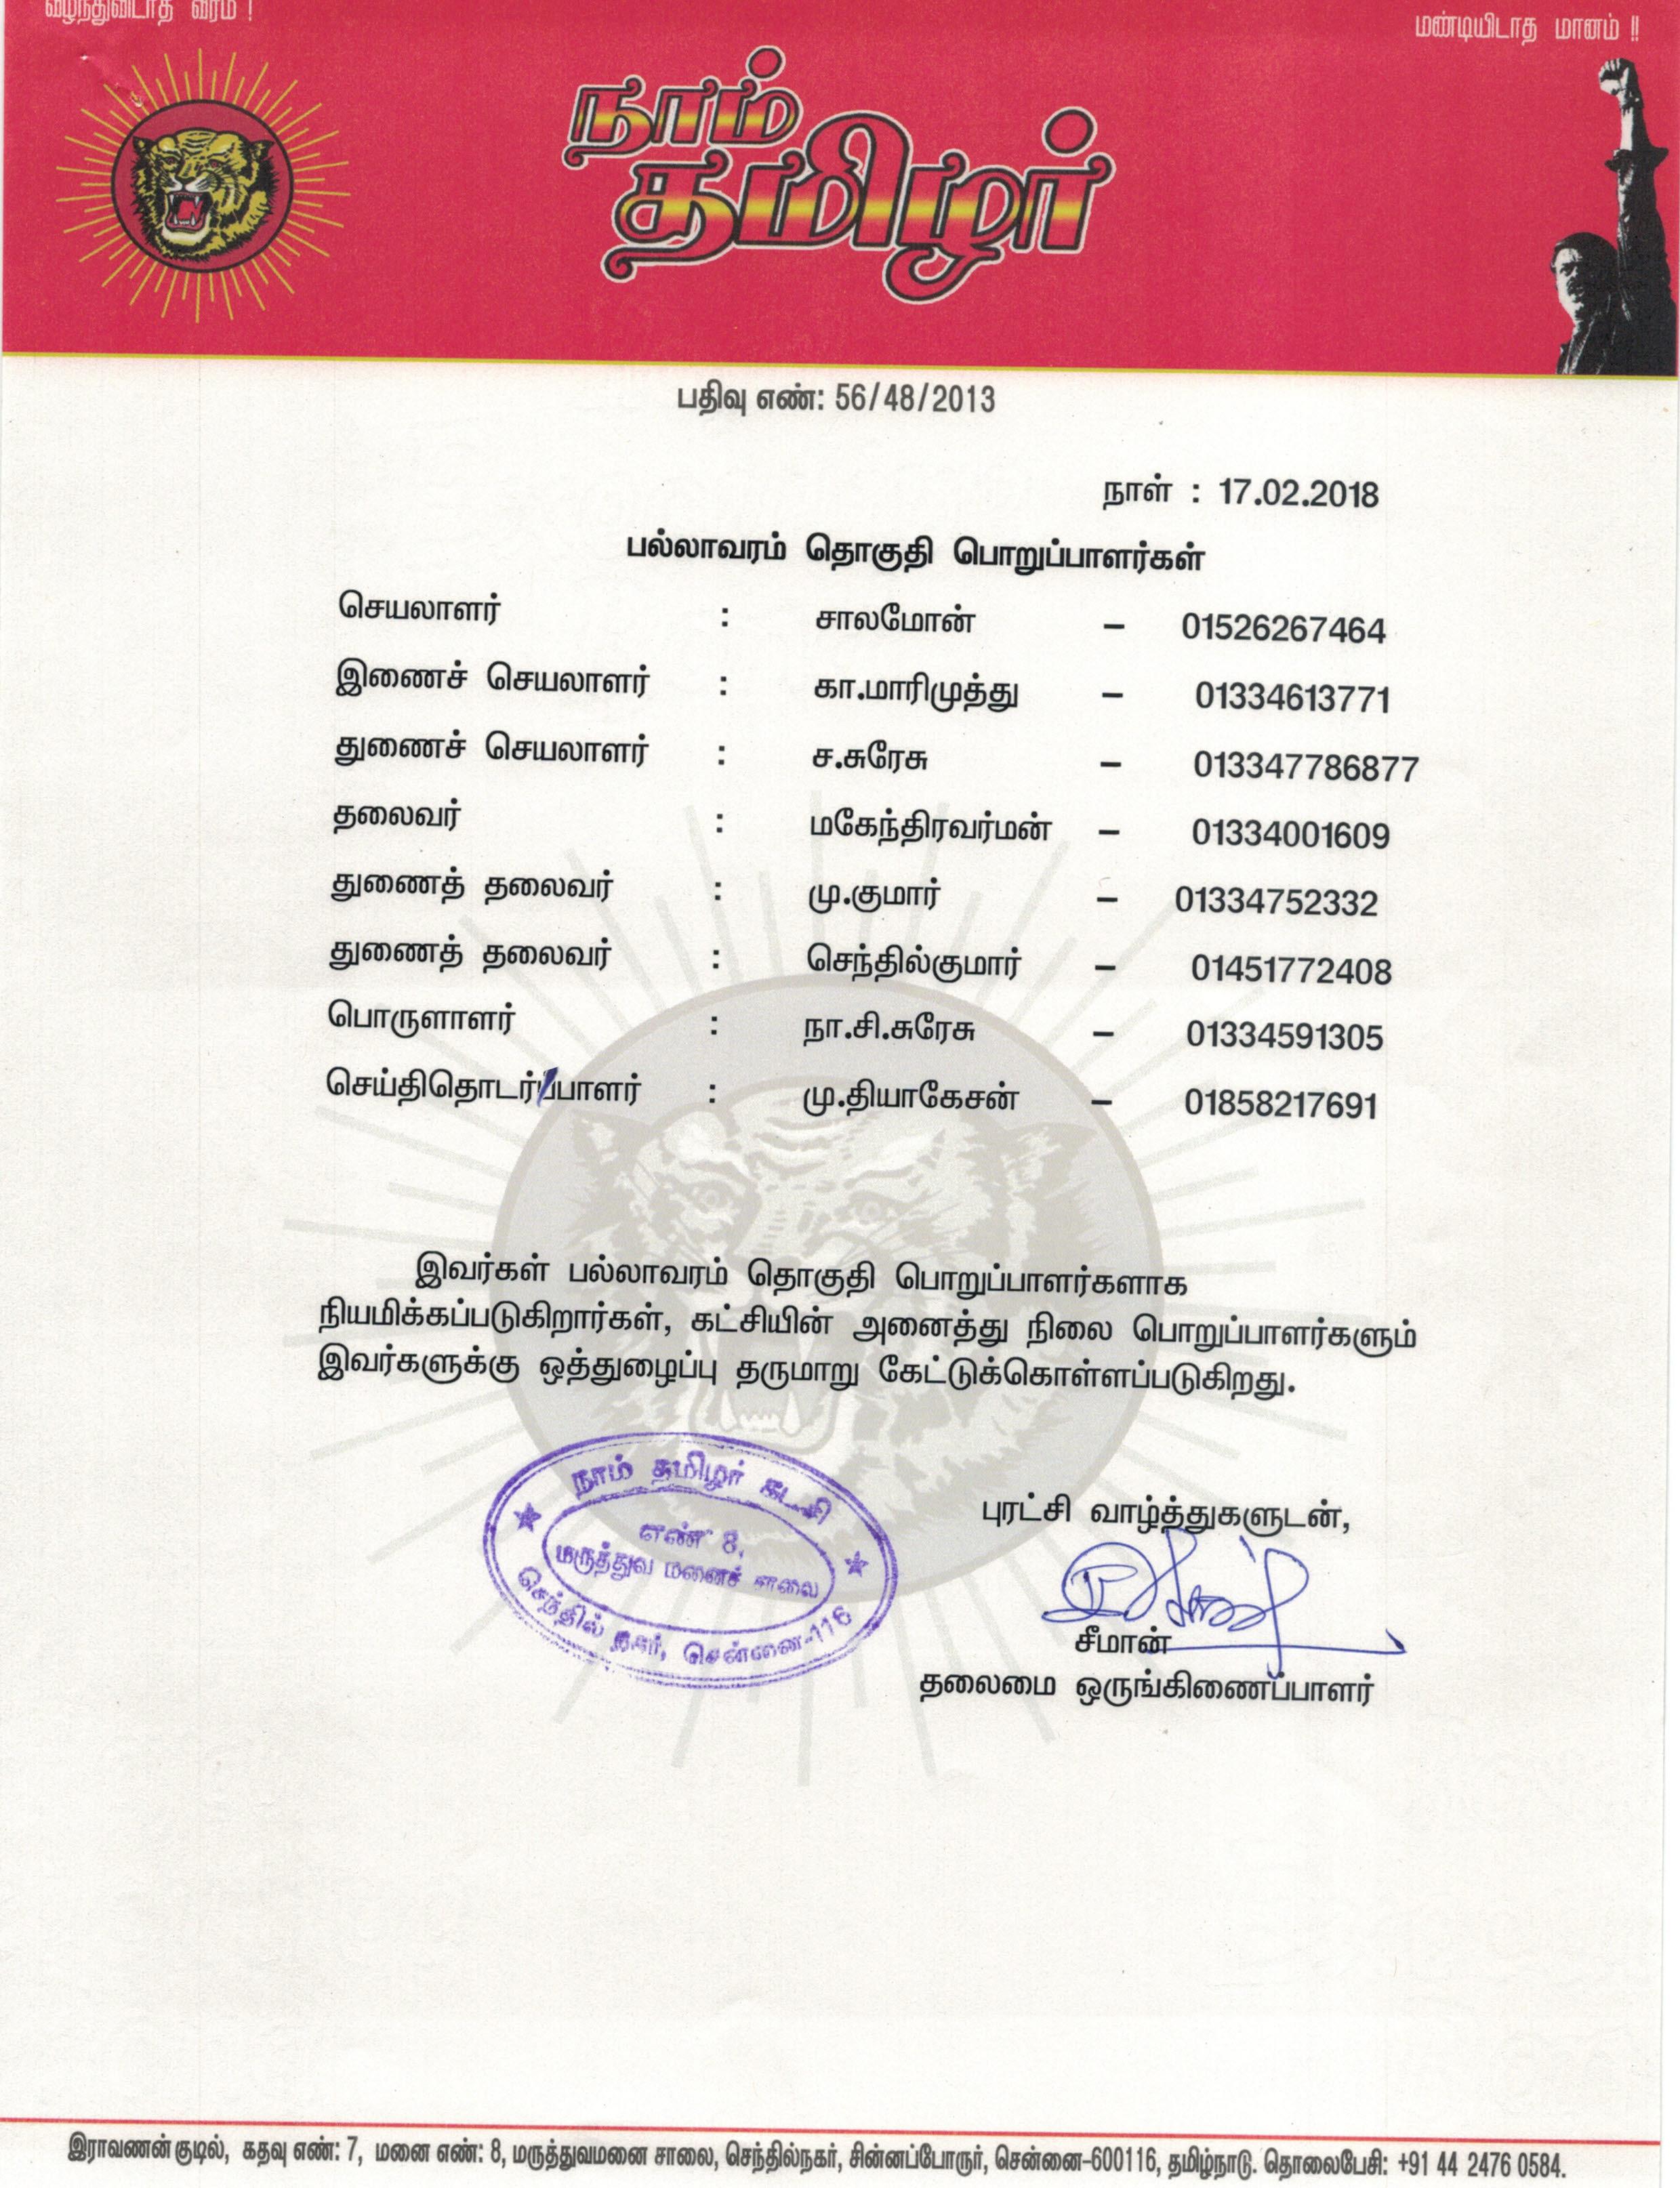 மாவட்டப் பொறுப்பாளர்களுடன் சீமான் சந்திப்பு மற்றும் புதிய நிர்வாகிகள் நியமனம் – (காஞ்சிபுரம் : கிழக்கு மண்டலம் ) seeman announced pallavaram constituency naam tamilar katchi authorities 2018